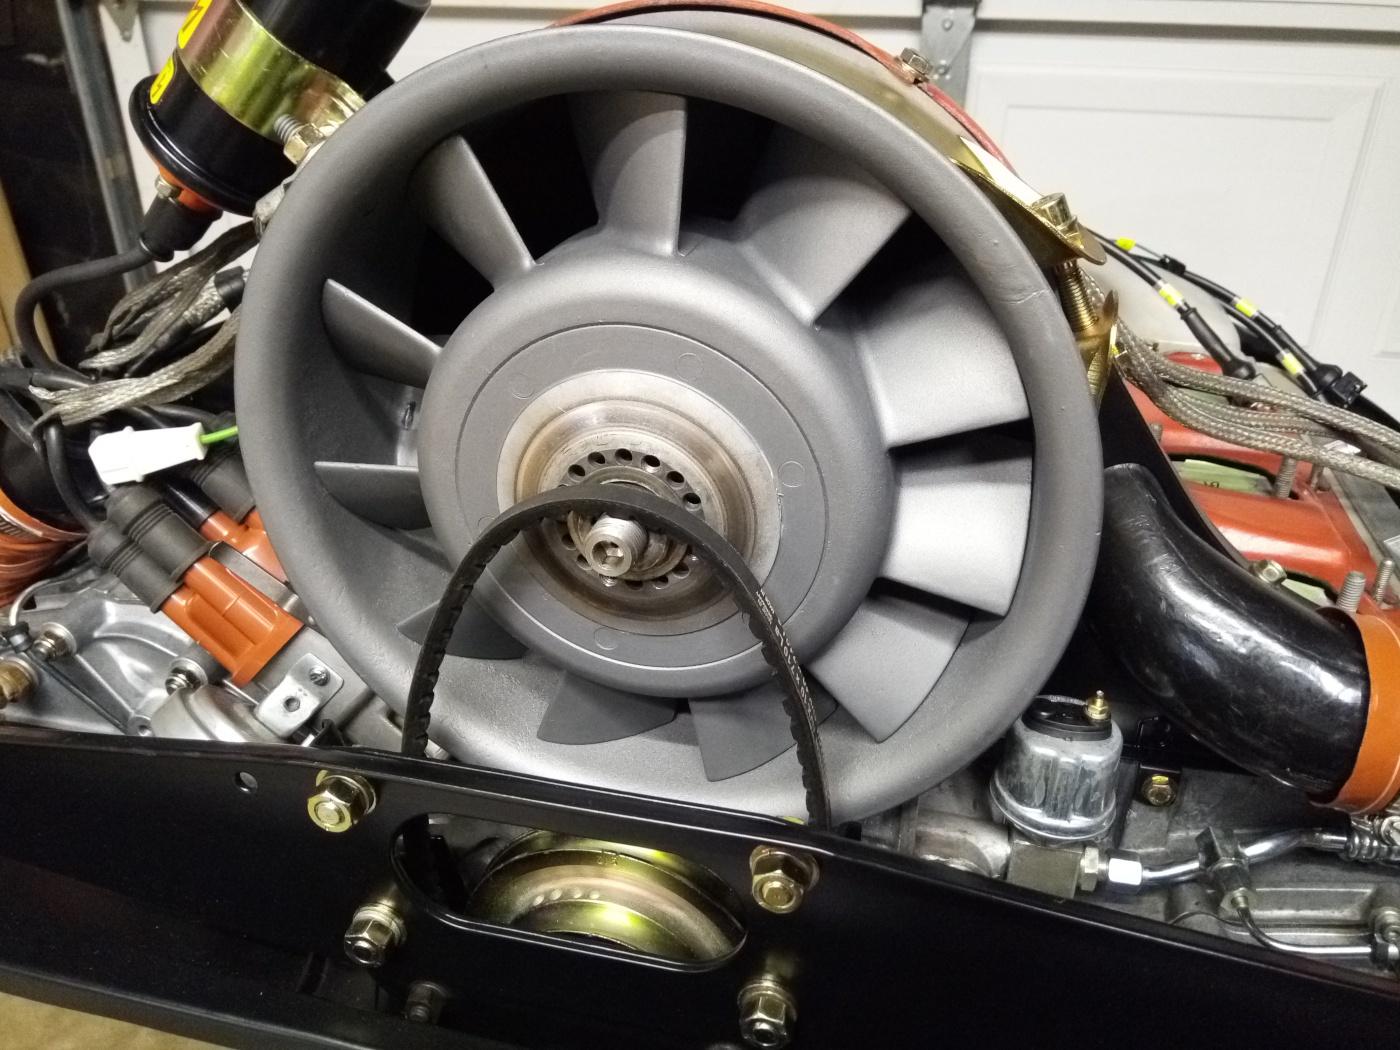 Air-cooled Porsche 911 fan belt loosened